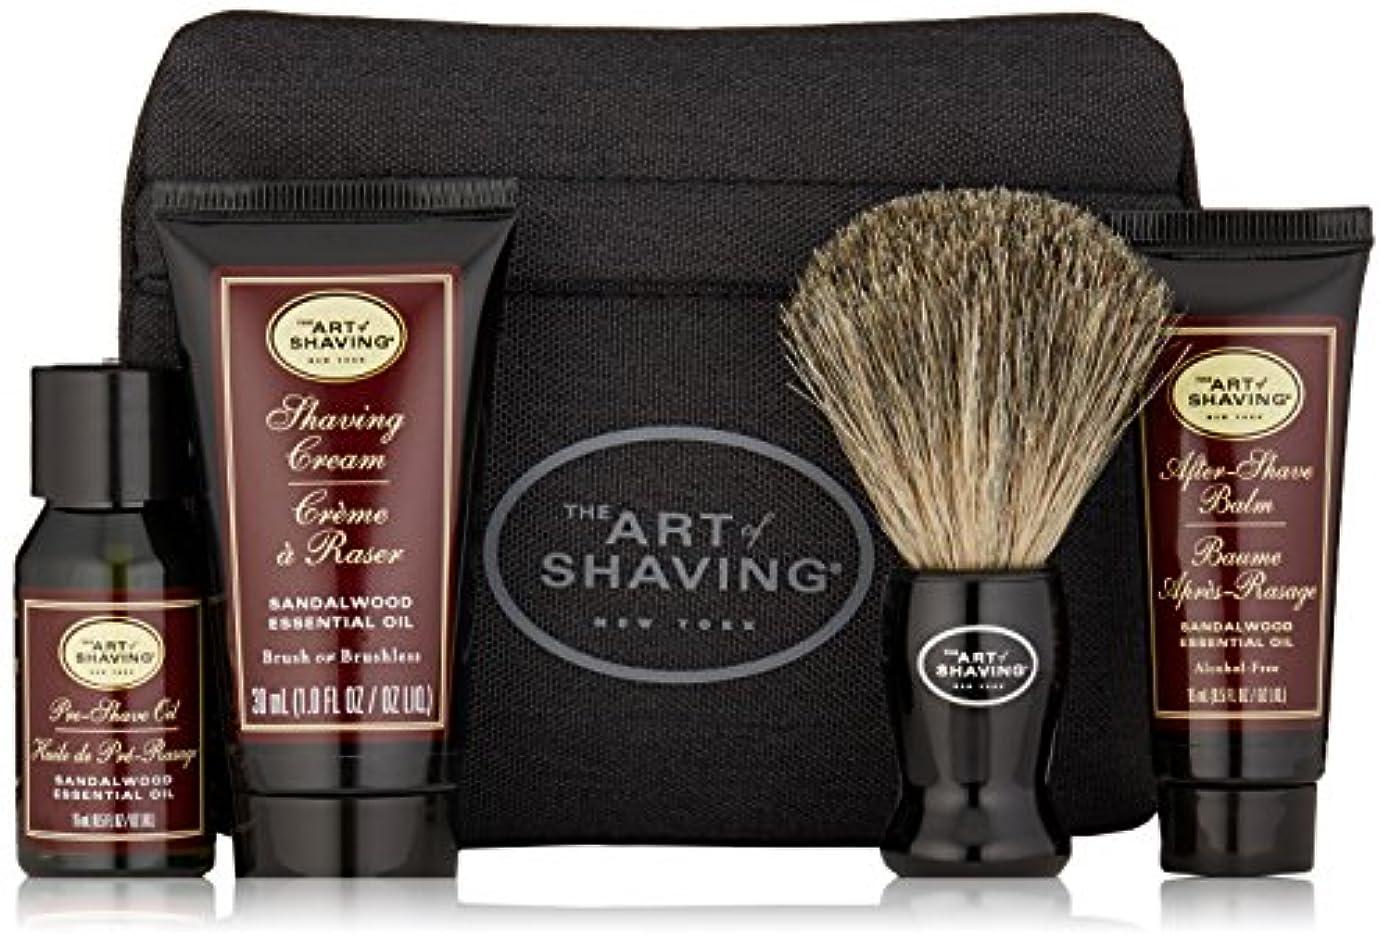 聴衆考案する有利アートオブシェービング Starter Kit - Sandalwood: Pre Shave Oil + Shaving Cream + After Shave Balm + Brush + Bag 4pcs + 1Bag...